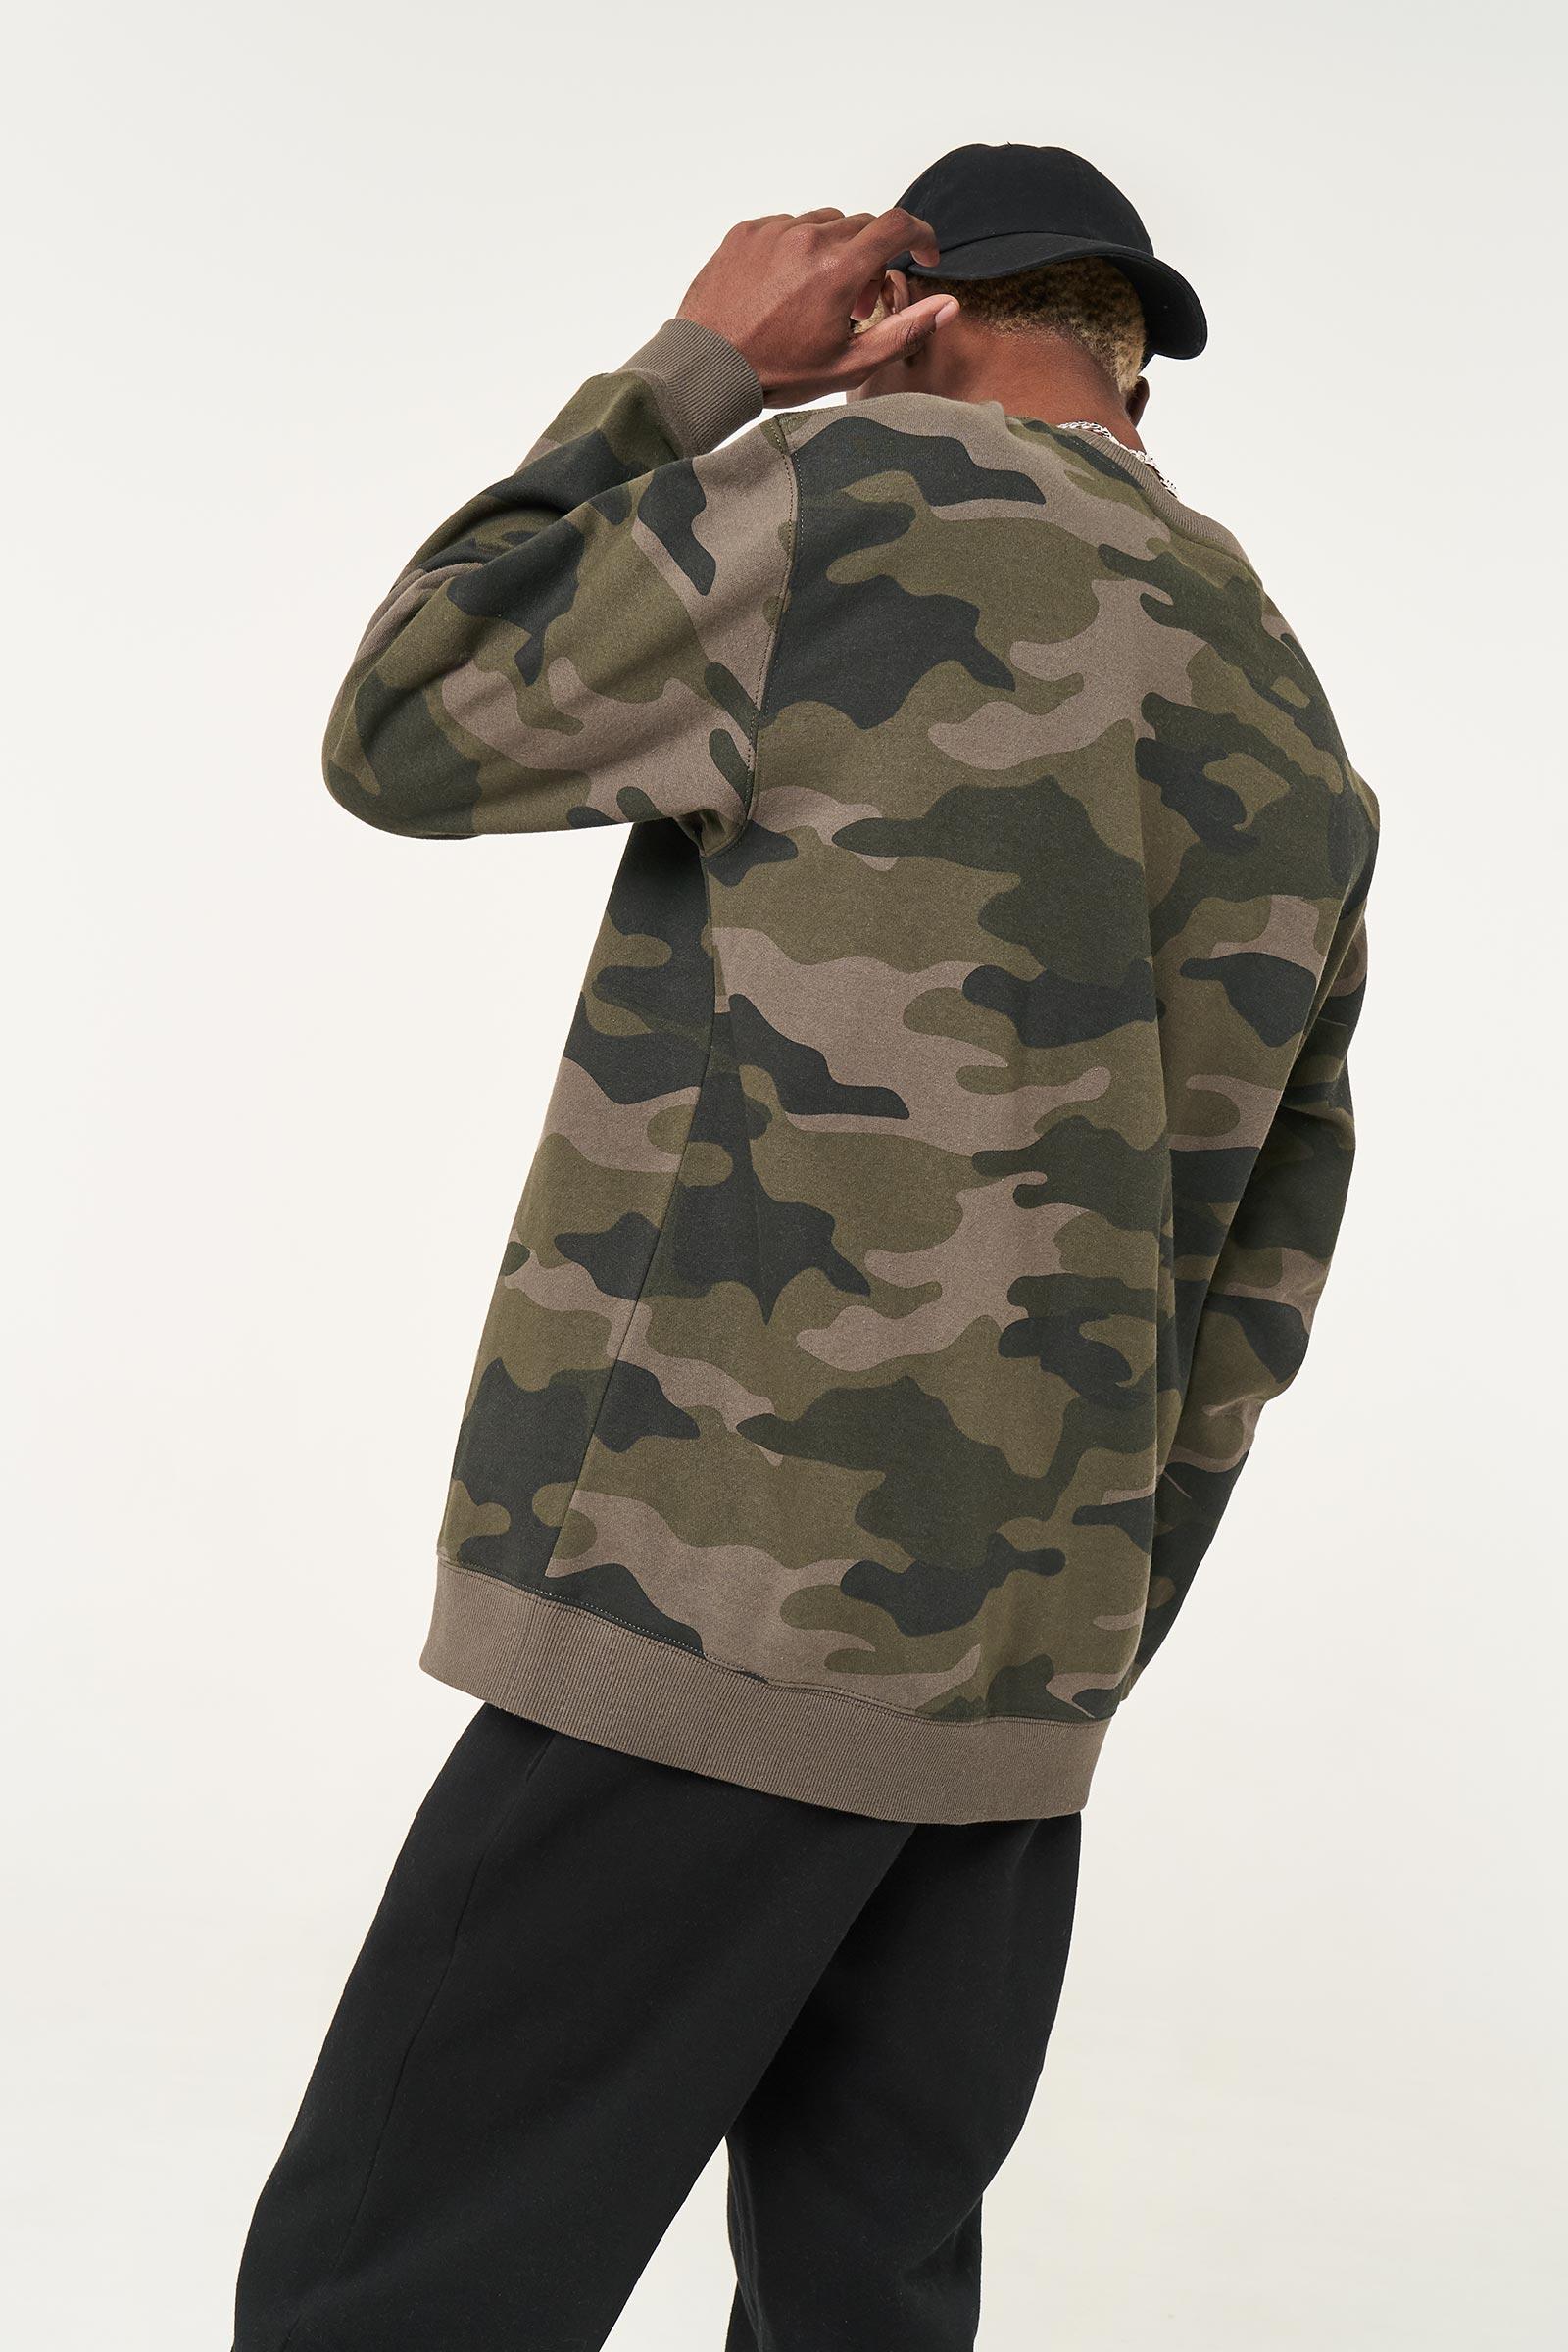 Crew Neck Camo Sweatshirt for Men